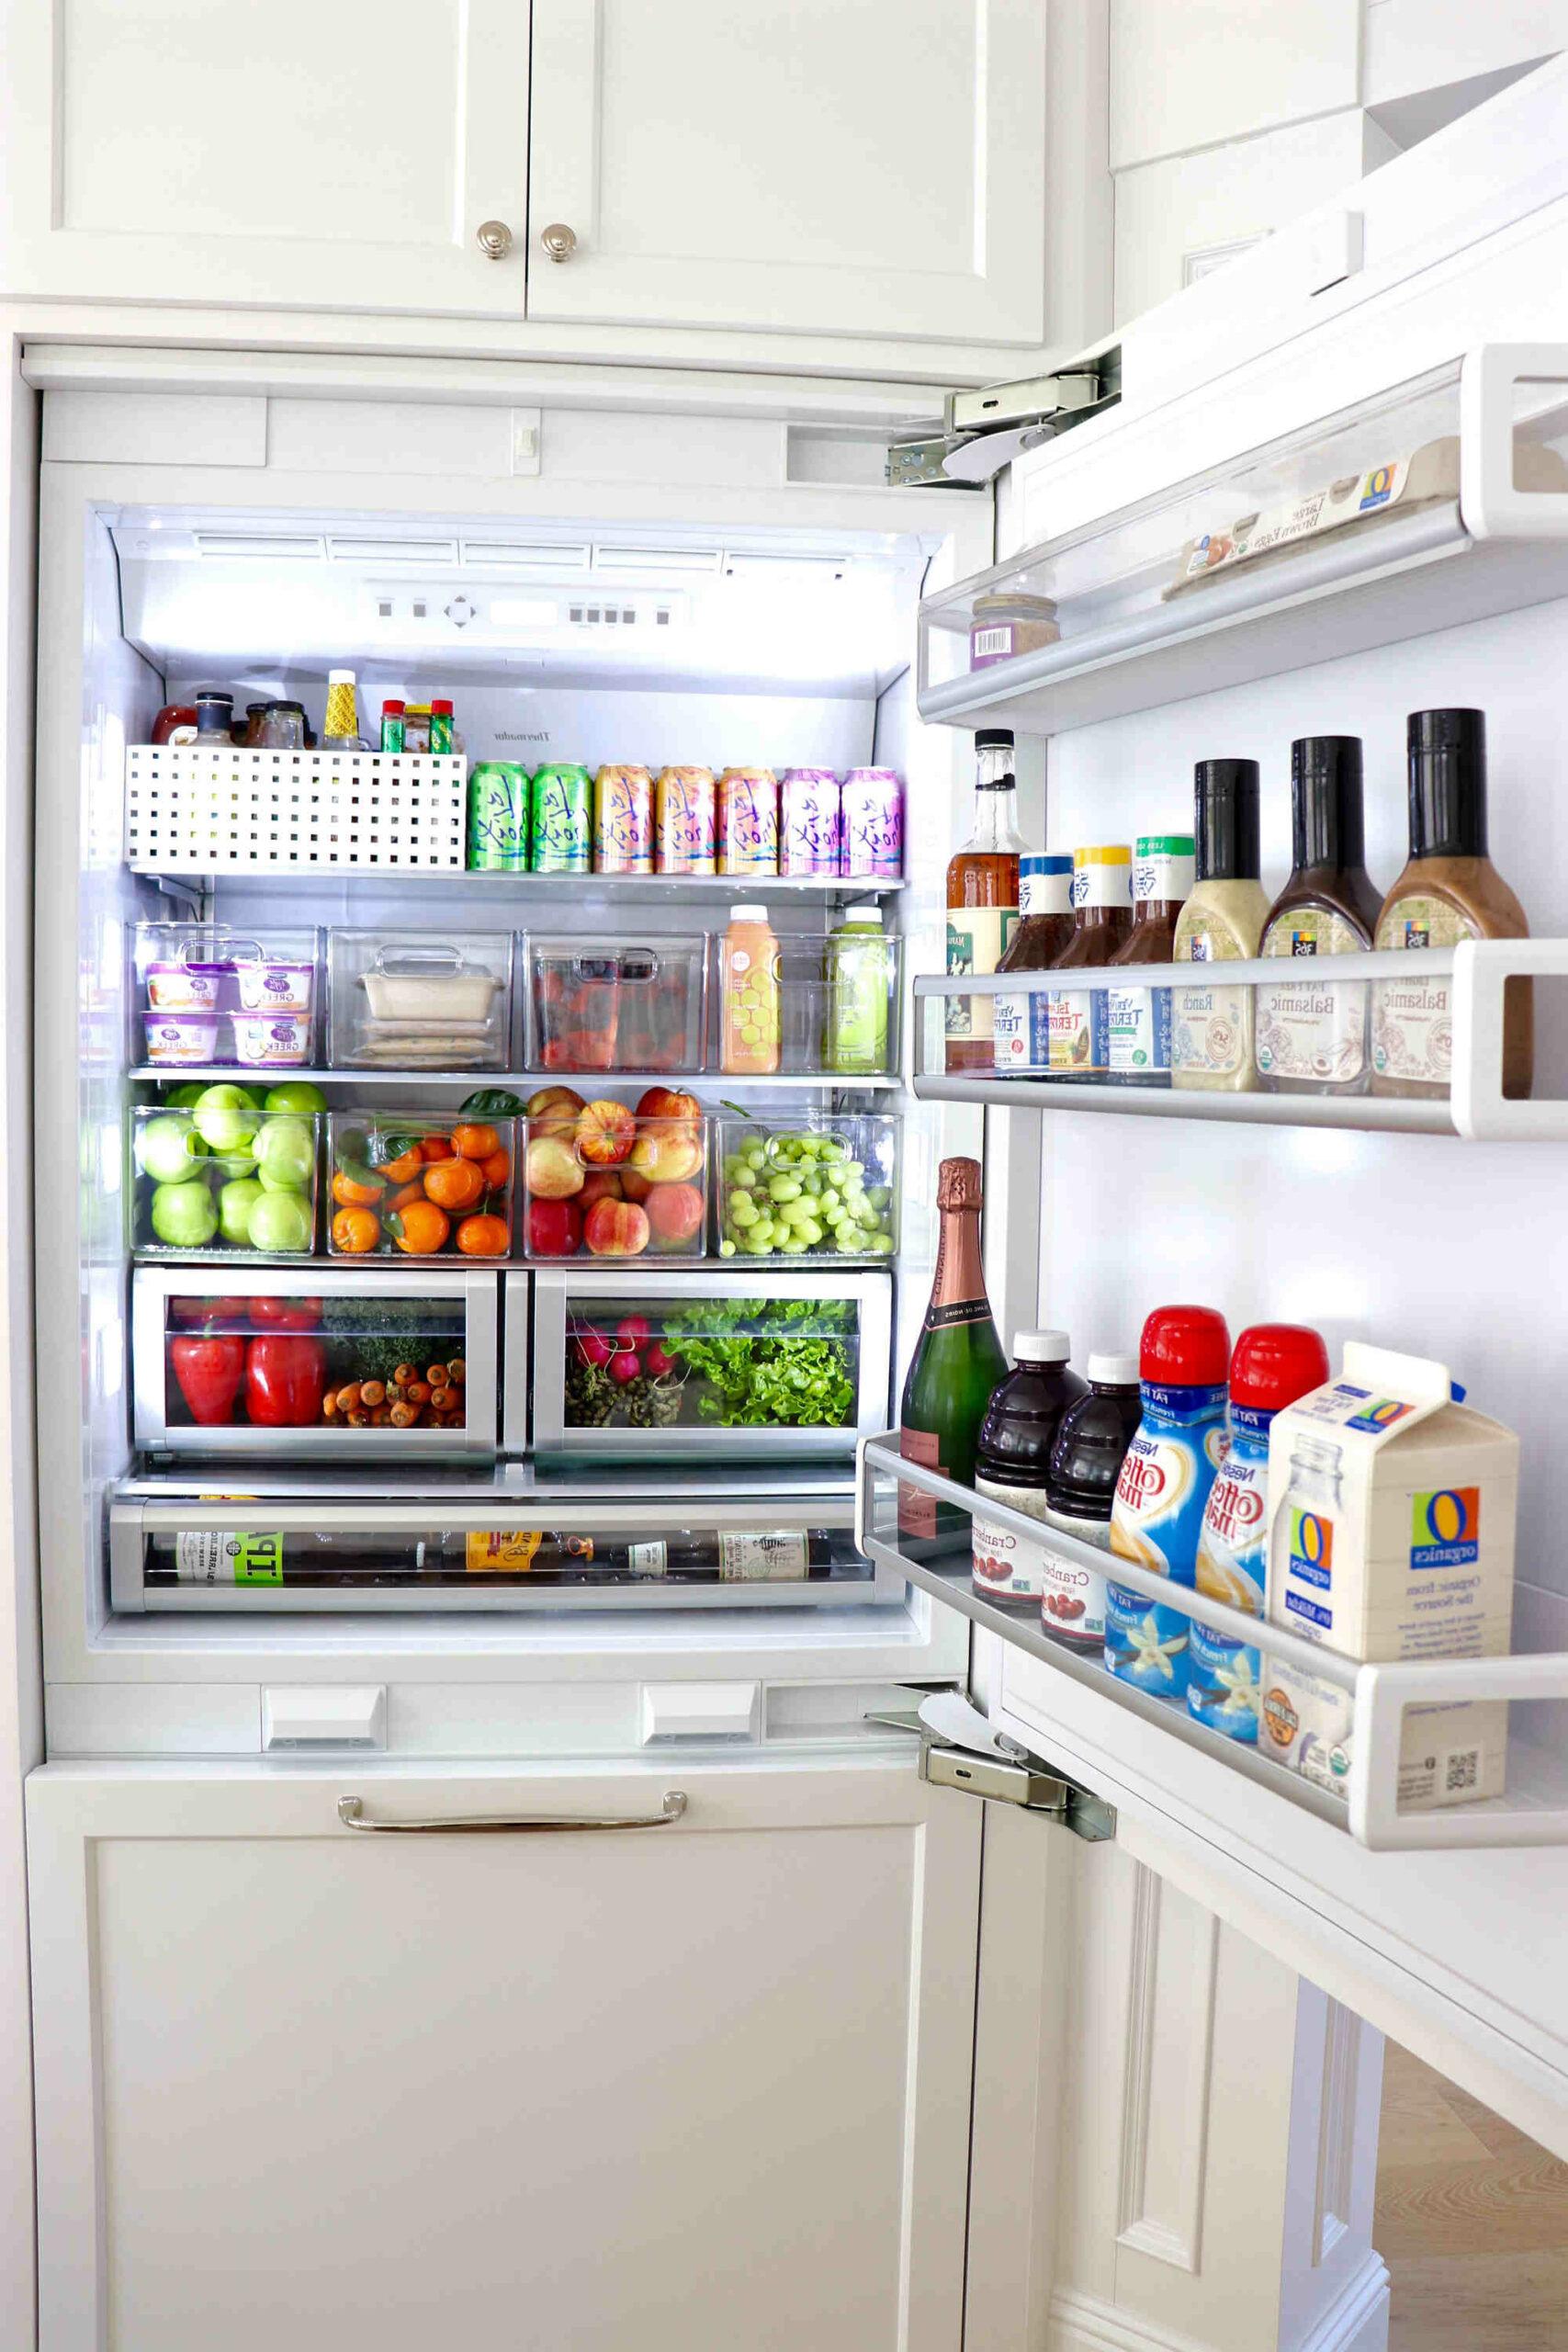 Où mettre les œufs dans le frigo ?